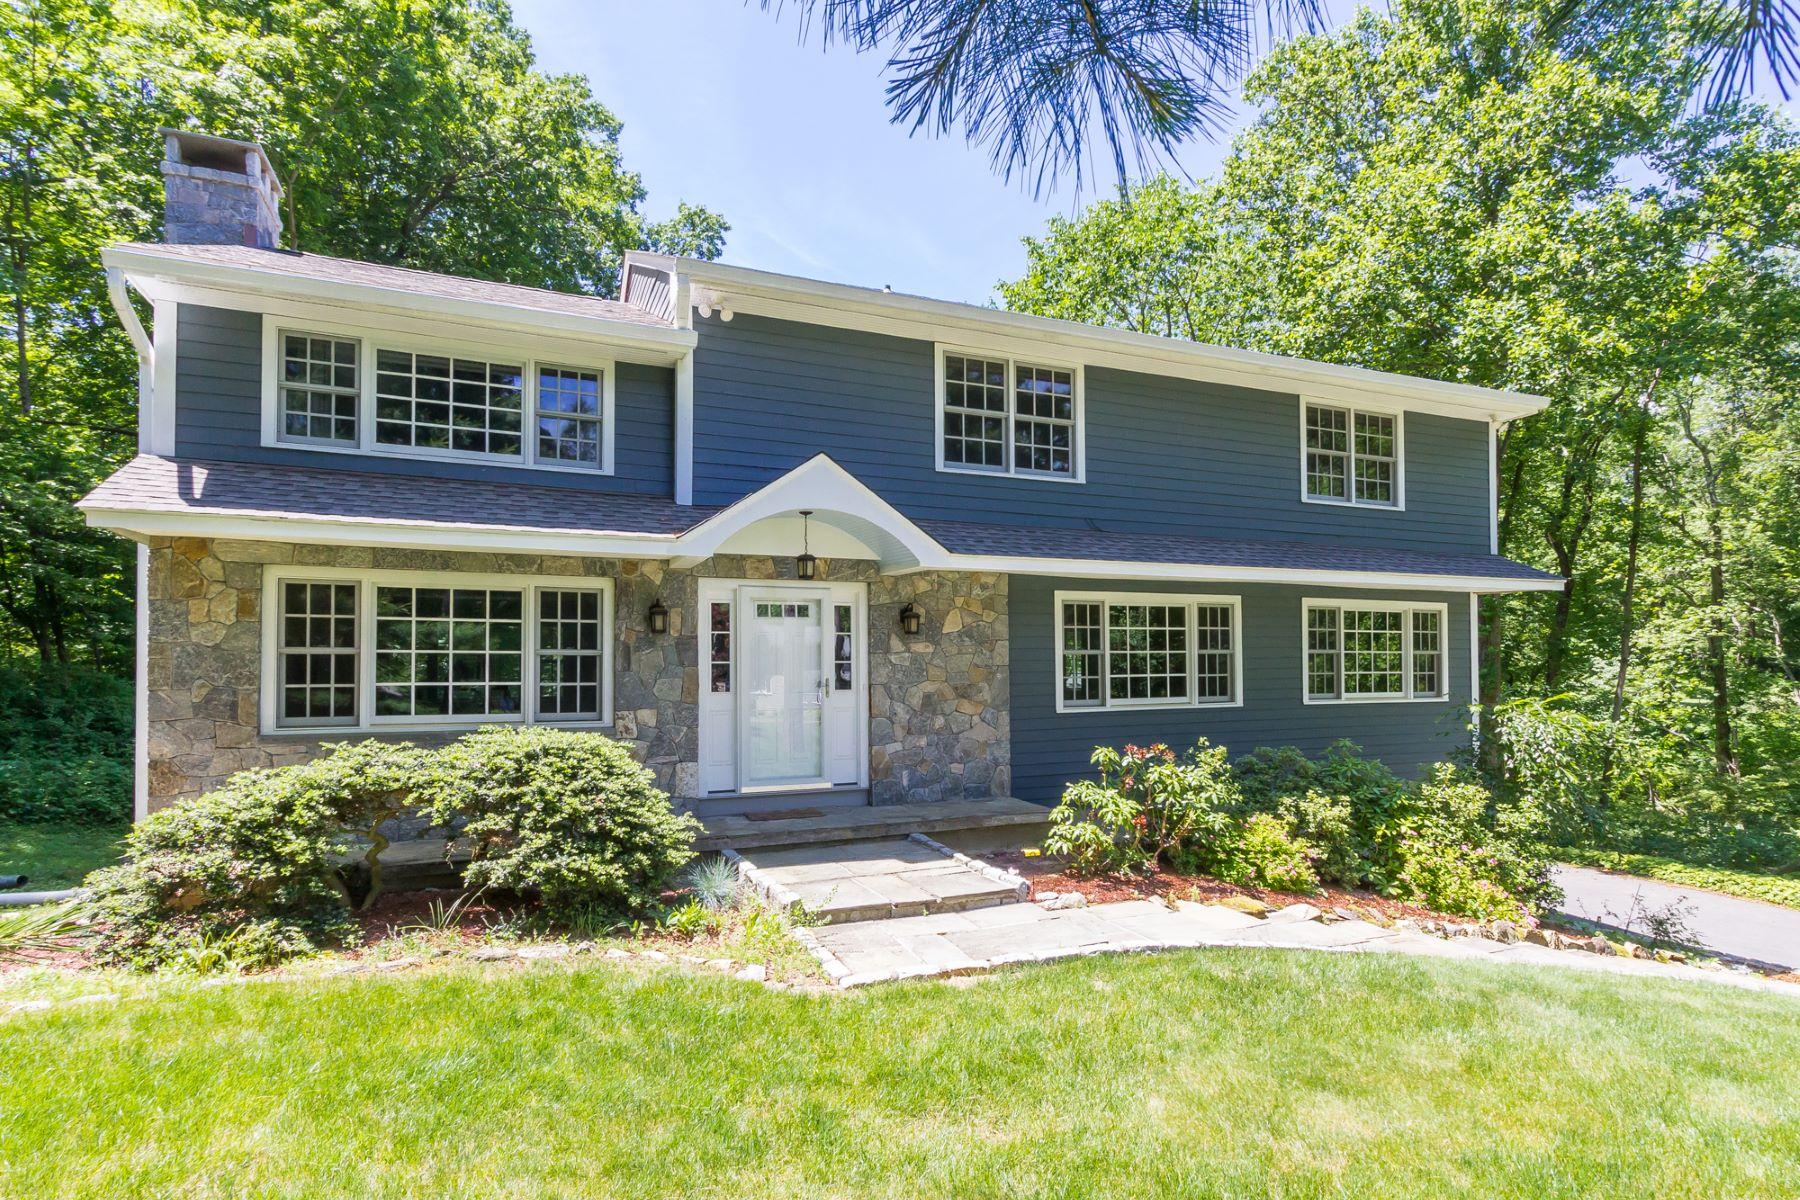 단독 가정 주택 용 매매 에 Completely Renovated 126 Holmes Road, Ridgefield, 코네티컷, 06877 미국